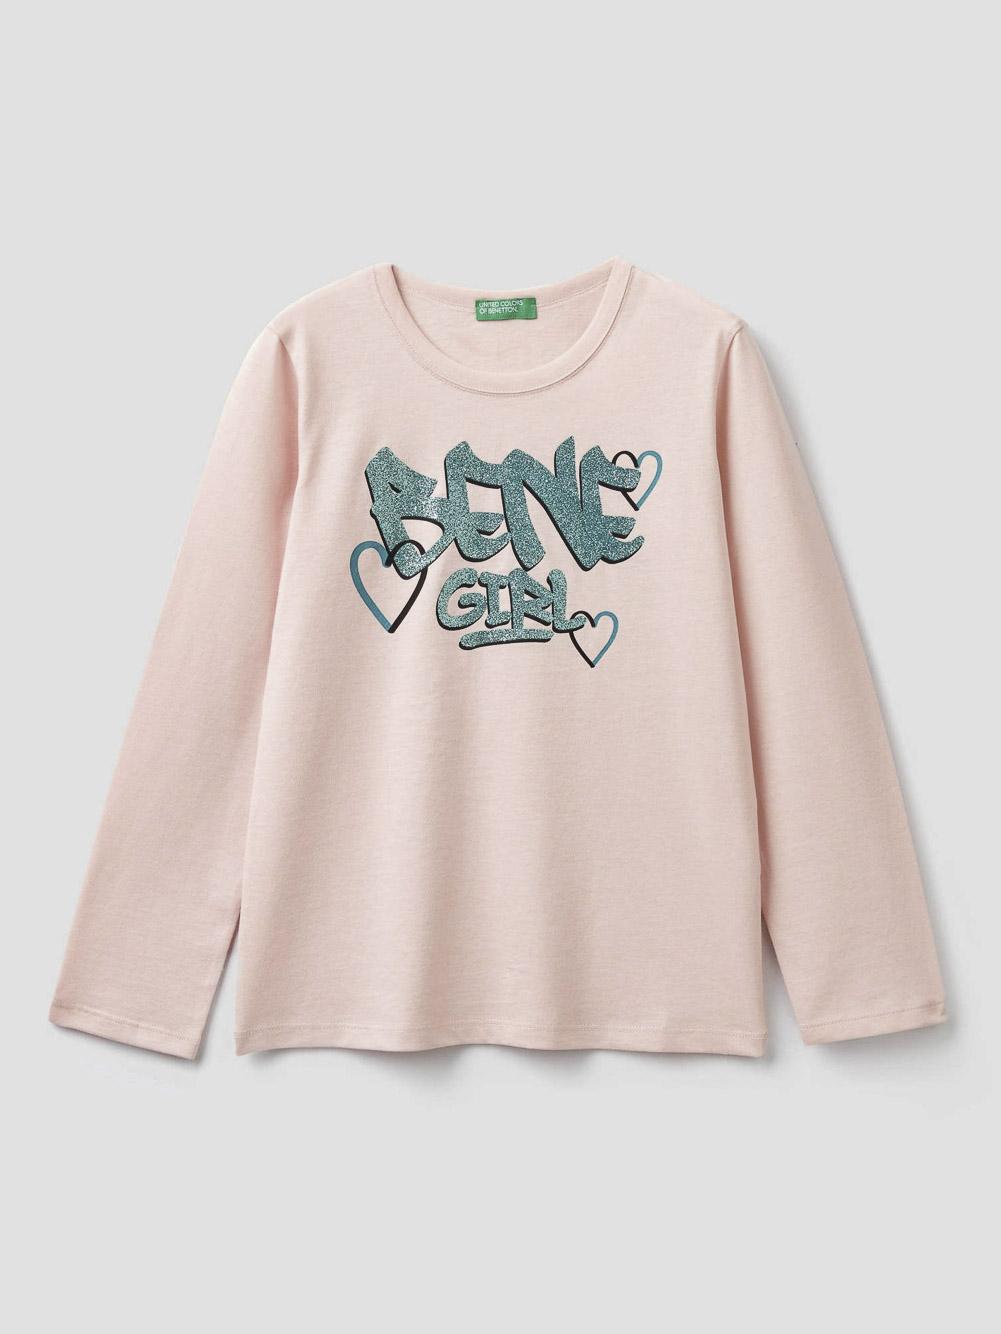 012 BENETTON T-shirt με τύπωμα και glitter 3096C14QS 20A04U